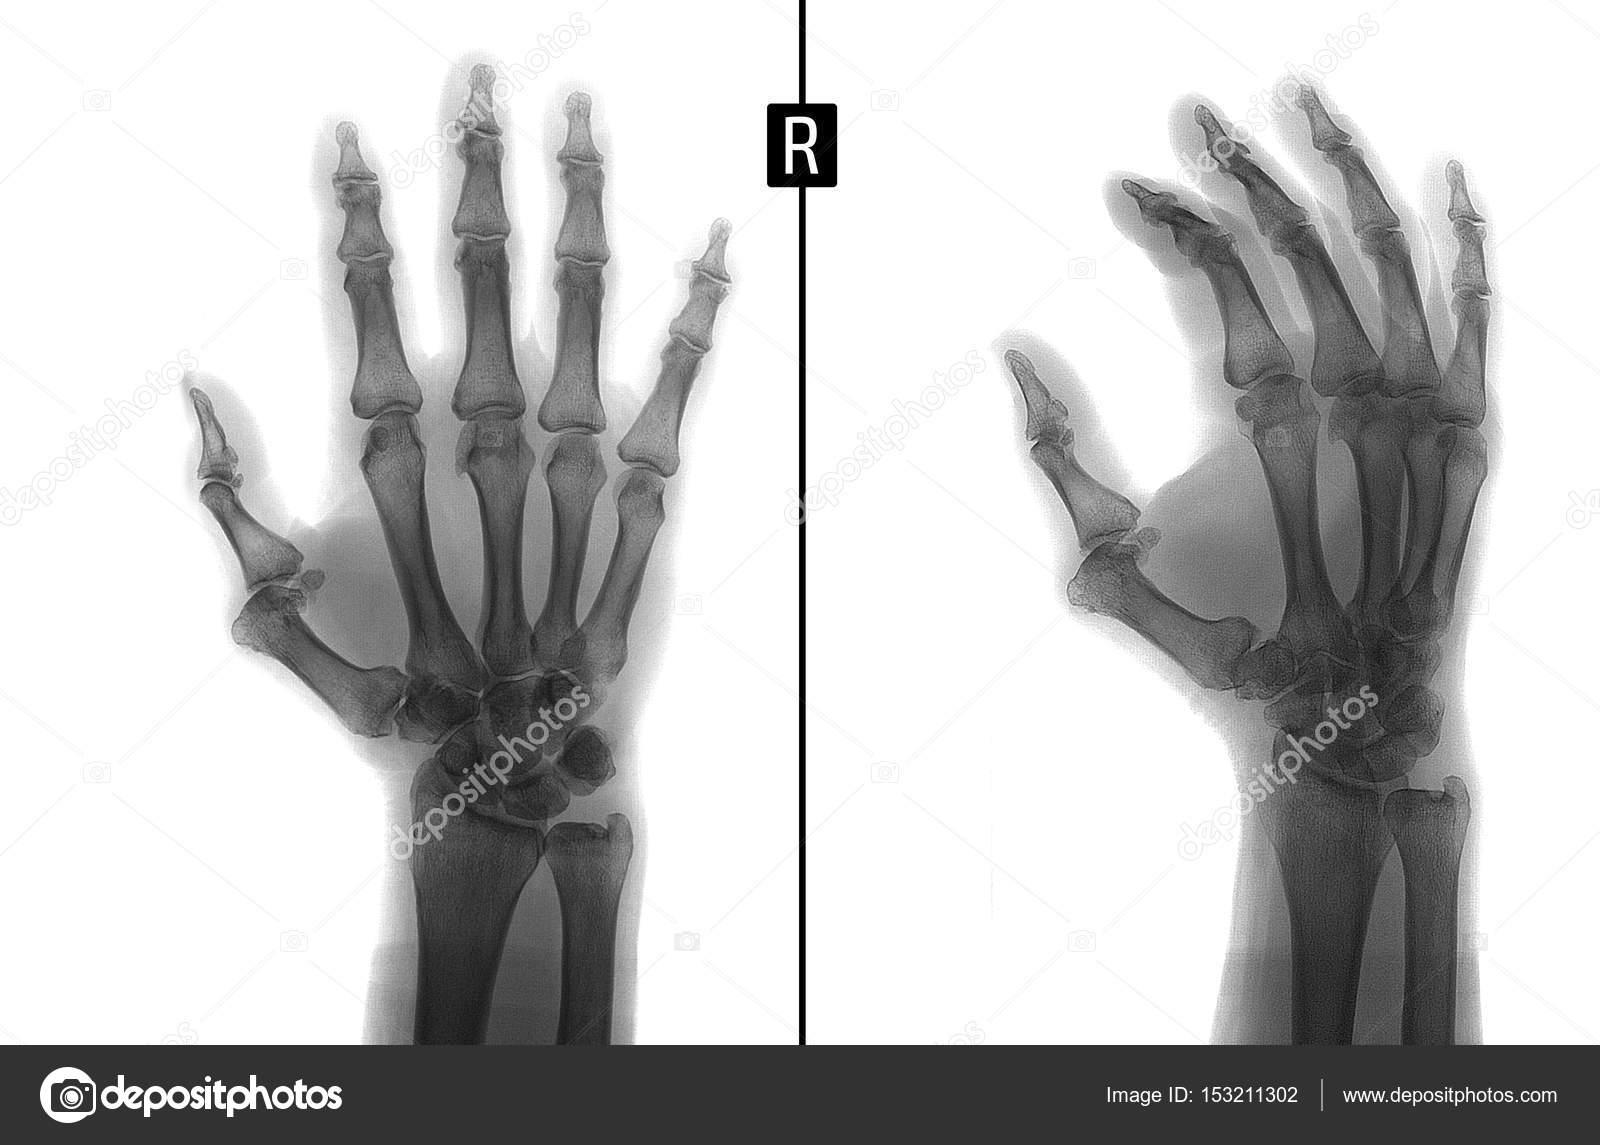 Fotos Los Huesos De La Mano Derecha Radiografía De La Mano